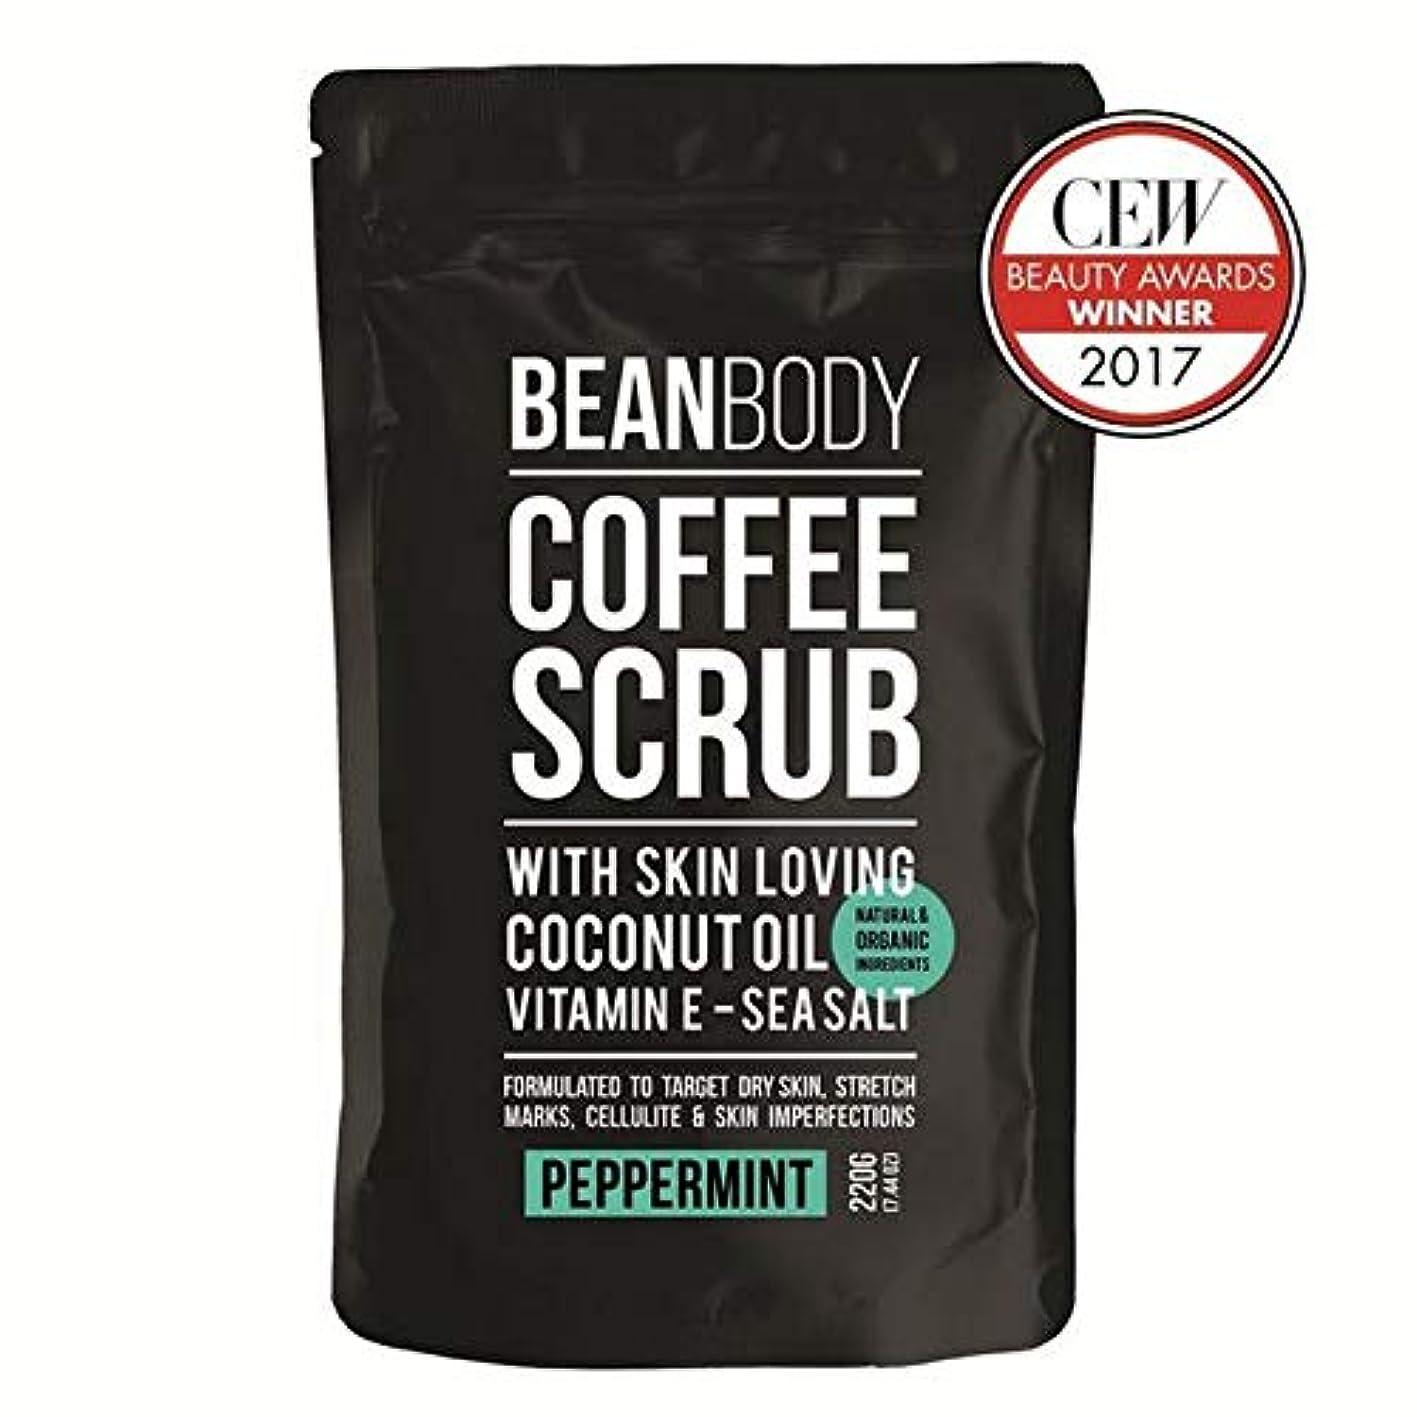 属性アルバニーマット[Bean Body ] 豆のボディコーヒースクラブ、ペパーミント220グラム - Bean Body Coffee Scrub, Peppermint 220g [並行輸入品]